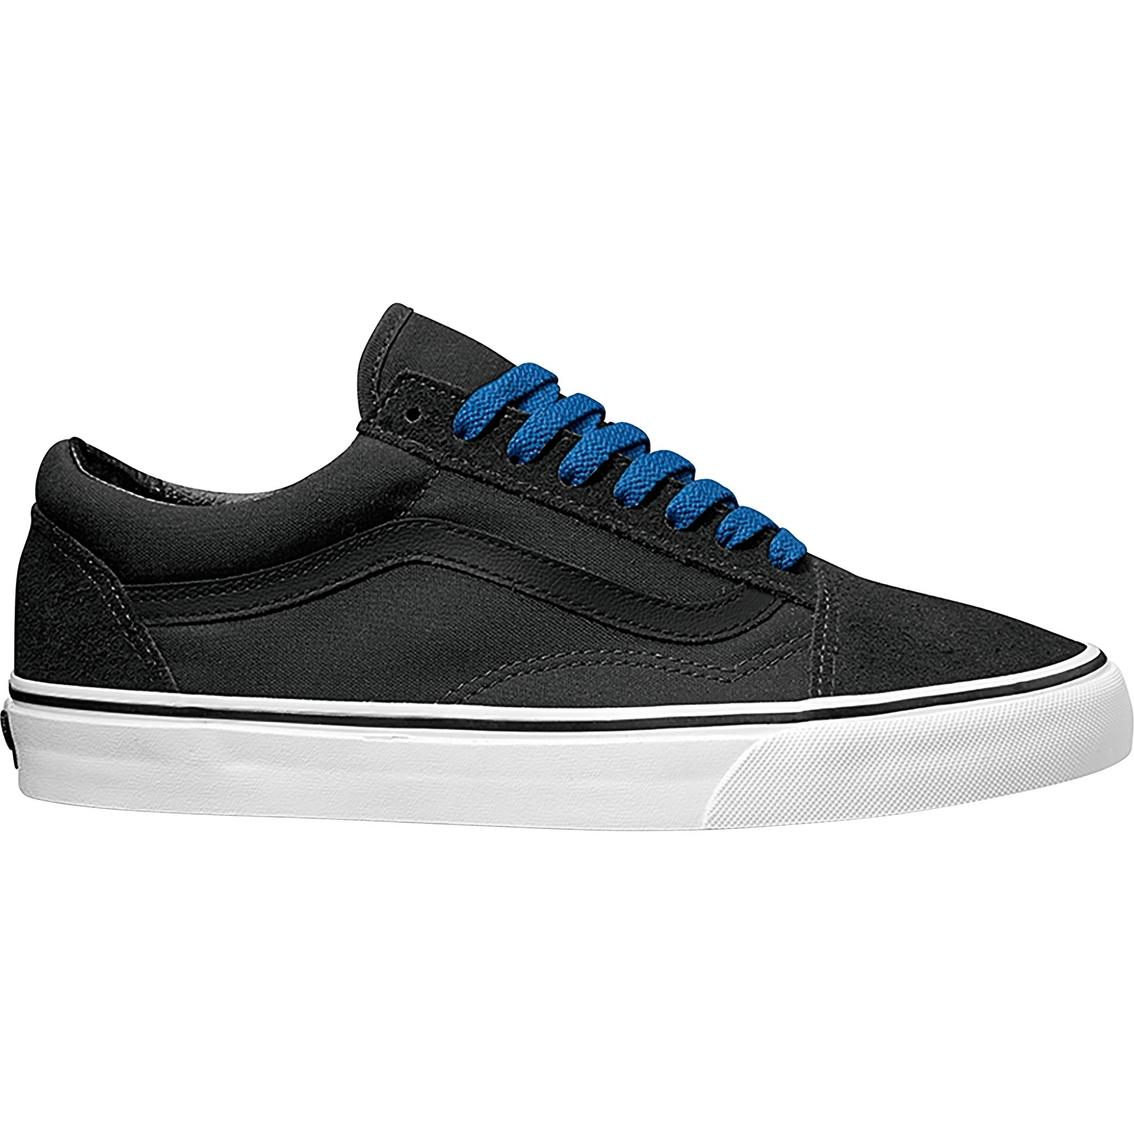 b92008baa9c2ea Vans Old Skool Men s Black blue Pop Casual Shoes